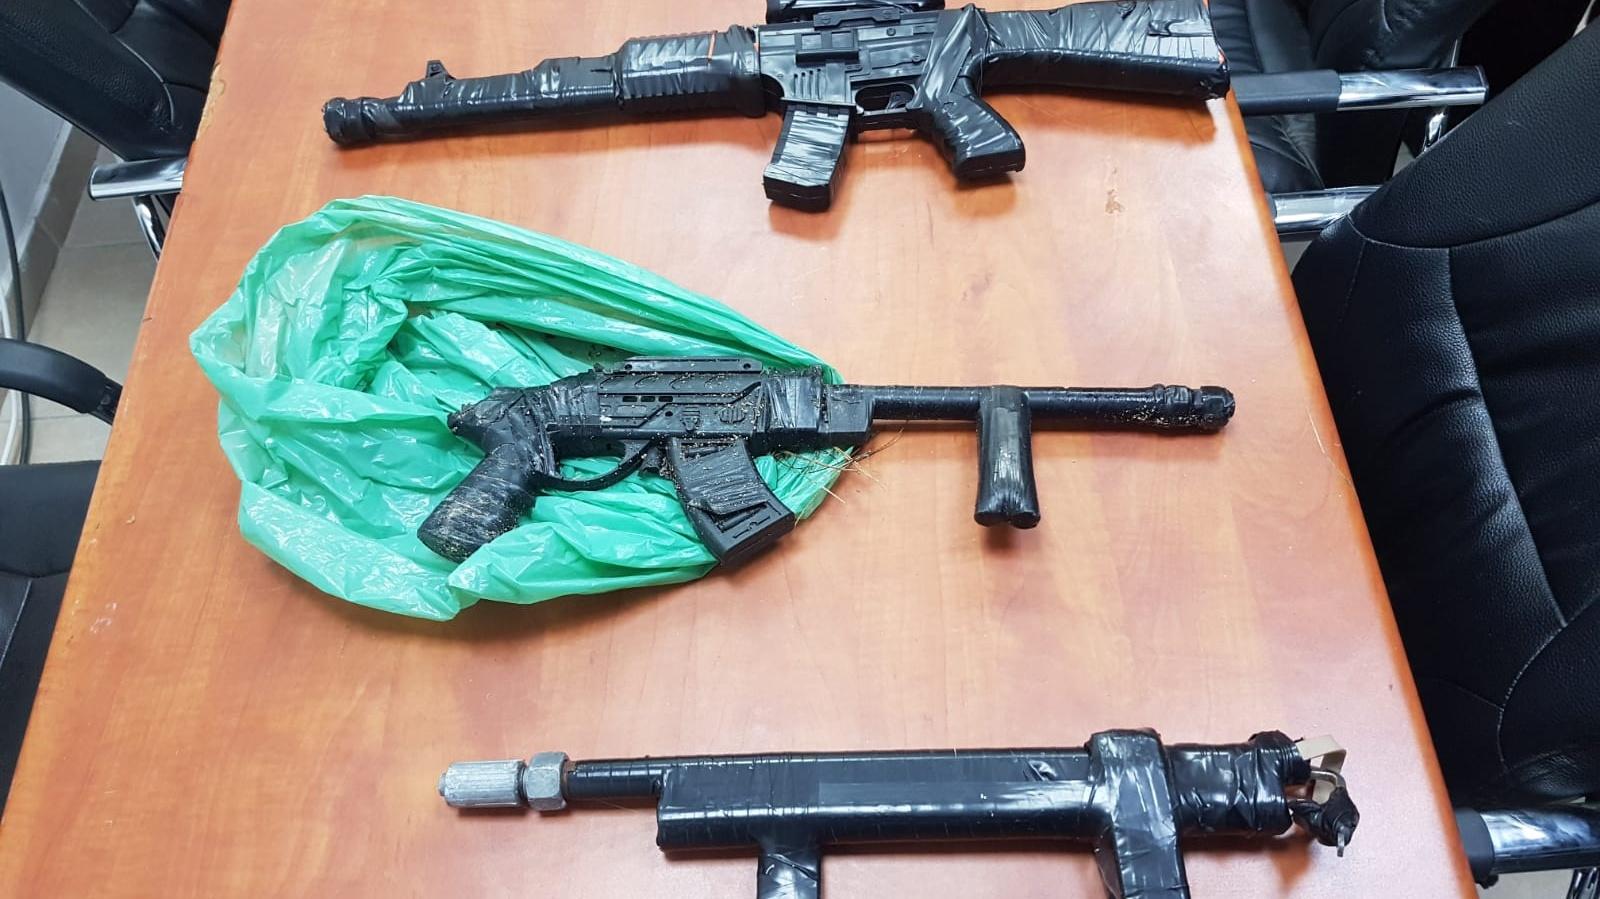 שני קטינים וארבעה בגירים מבית פאג'ר נעצרו בחשד למעורבות בפעולות טרור והחזקת אמל